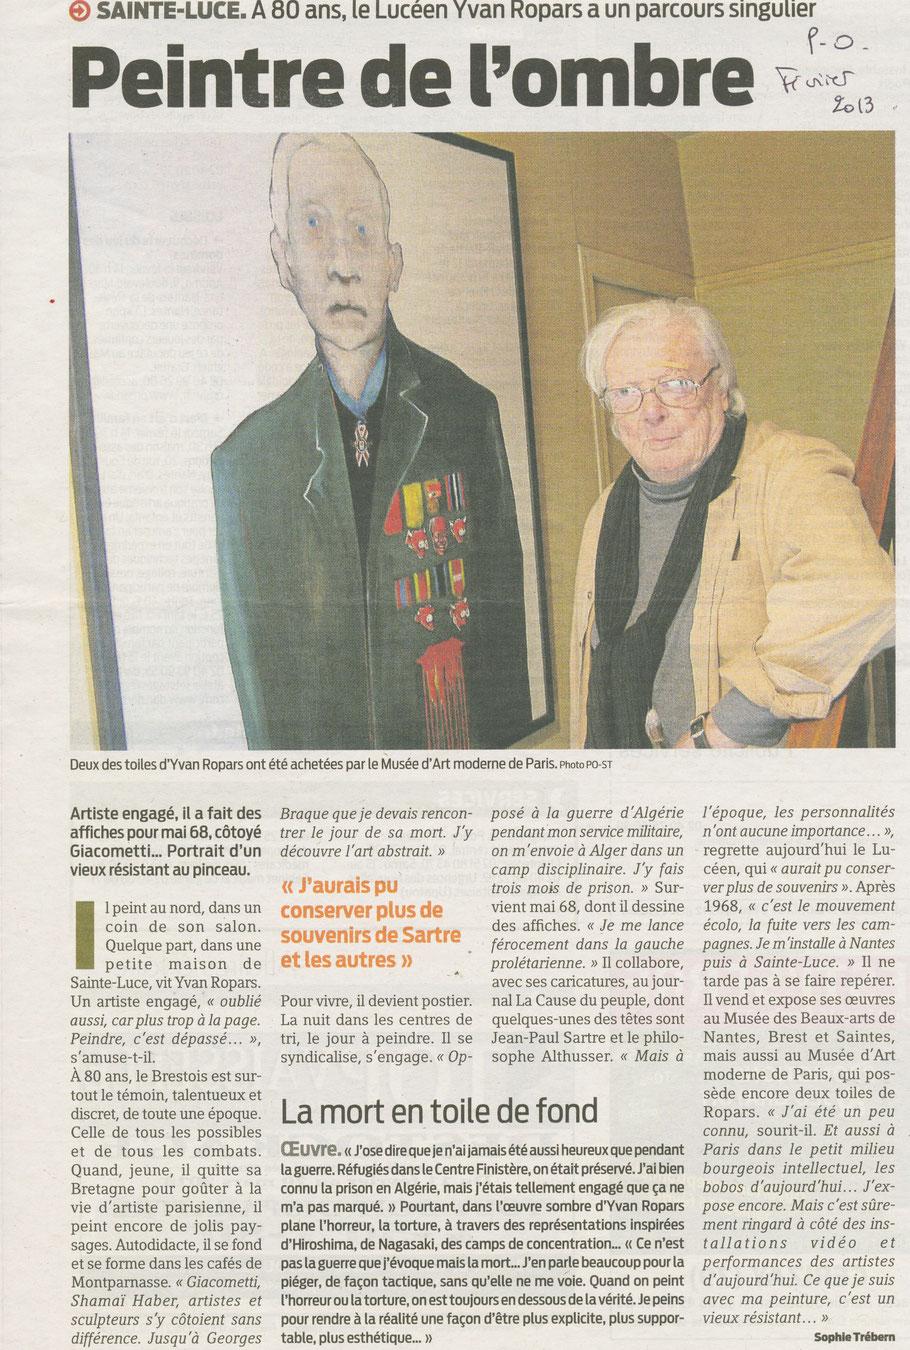 Presse Océan 11 février 2013